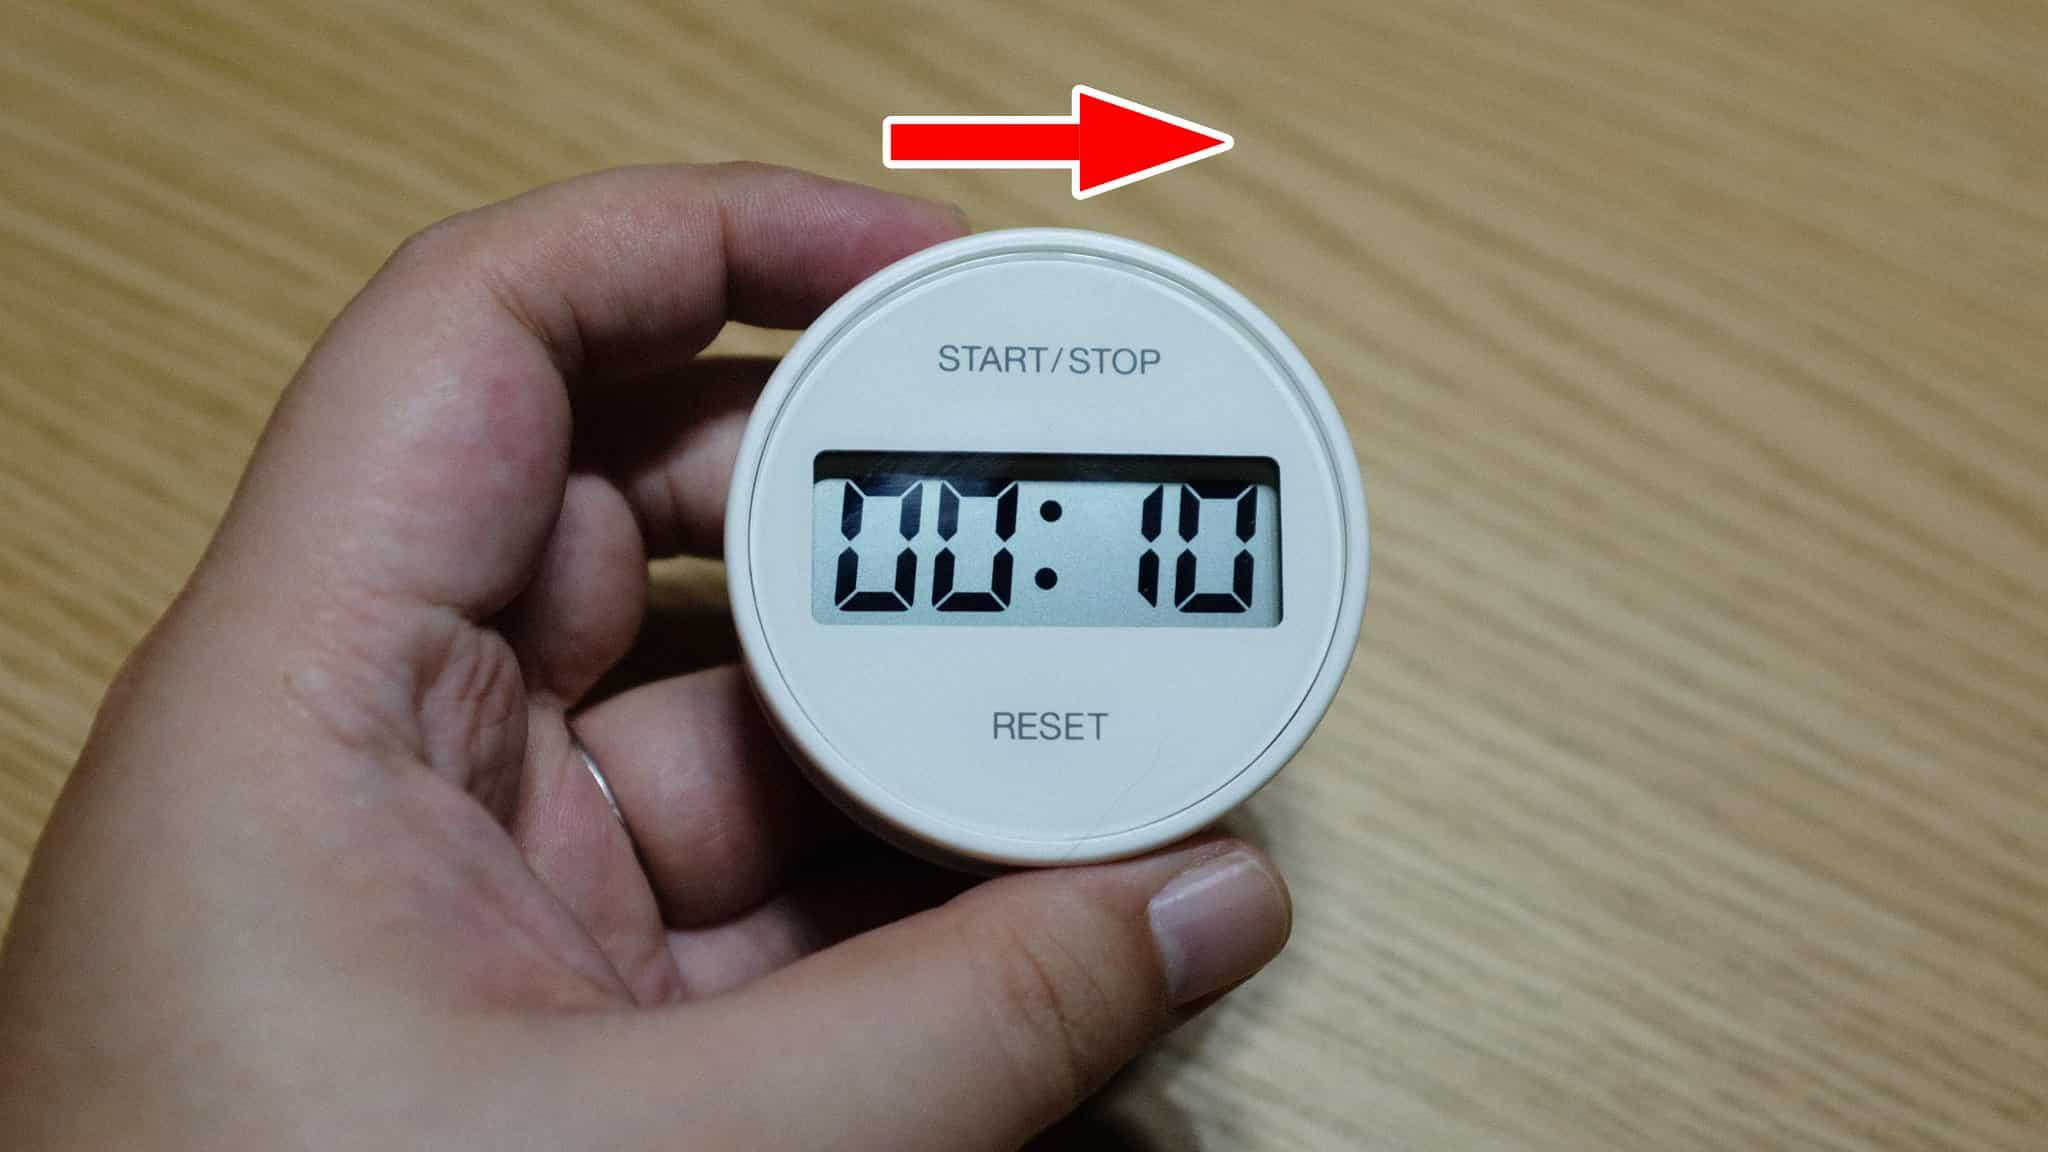 時計回しで時間を設定